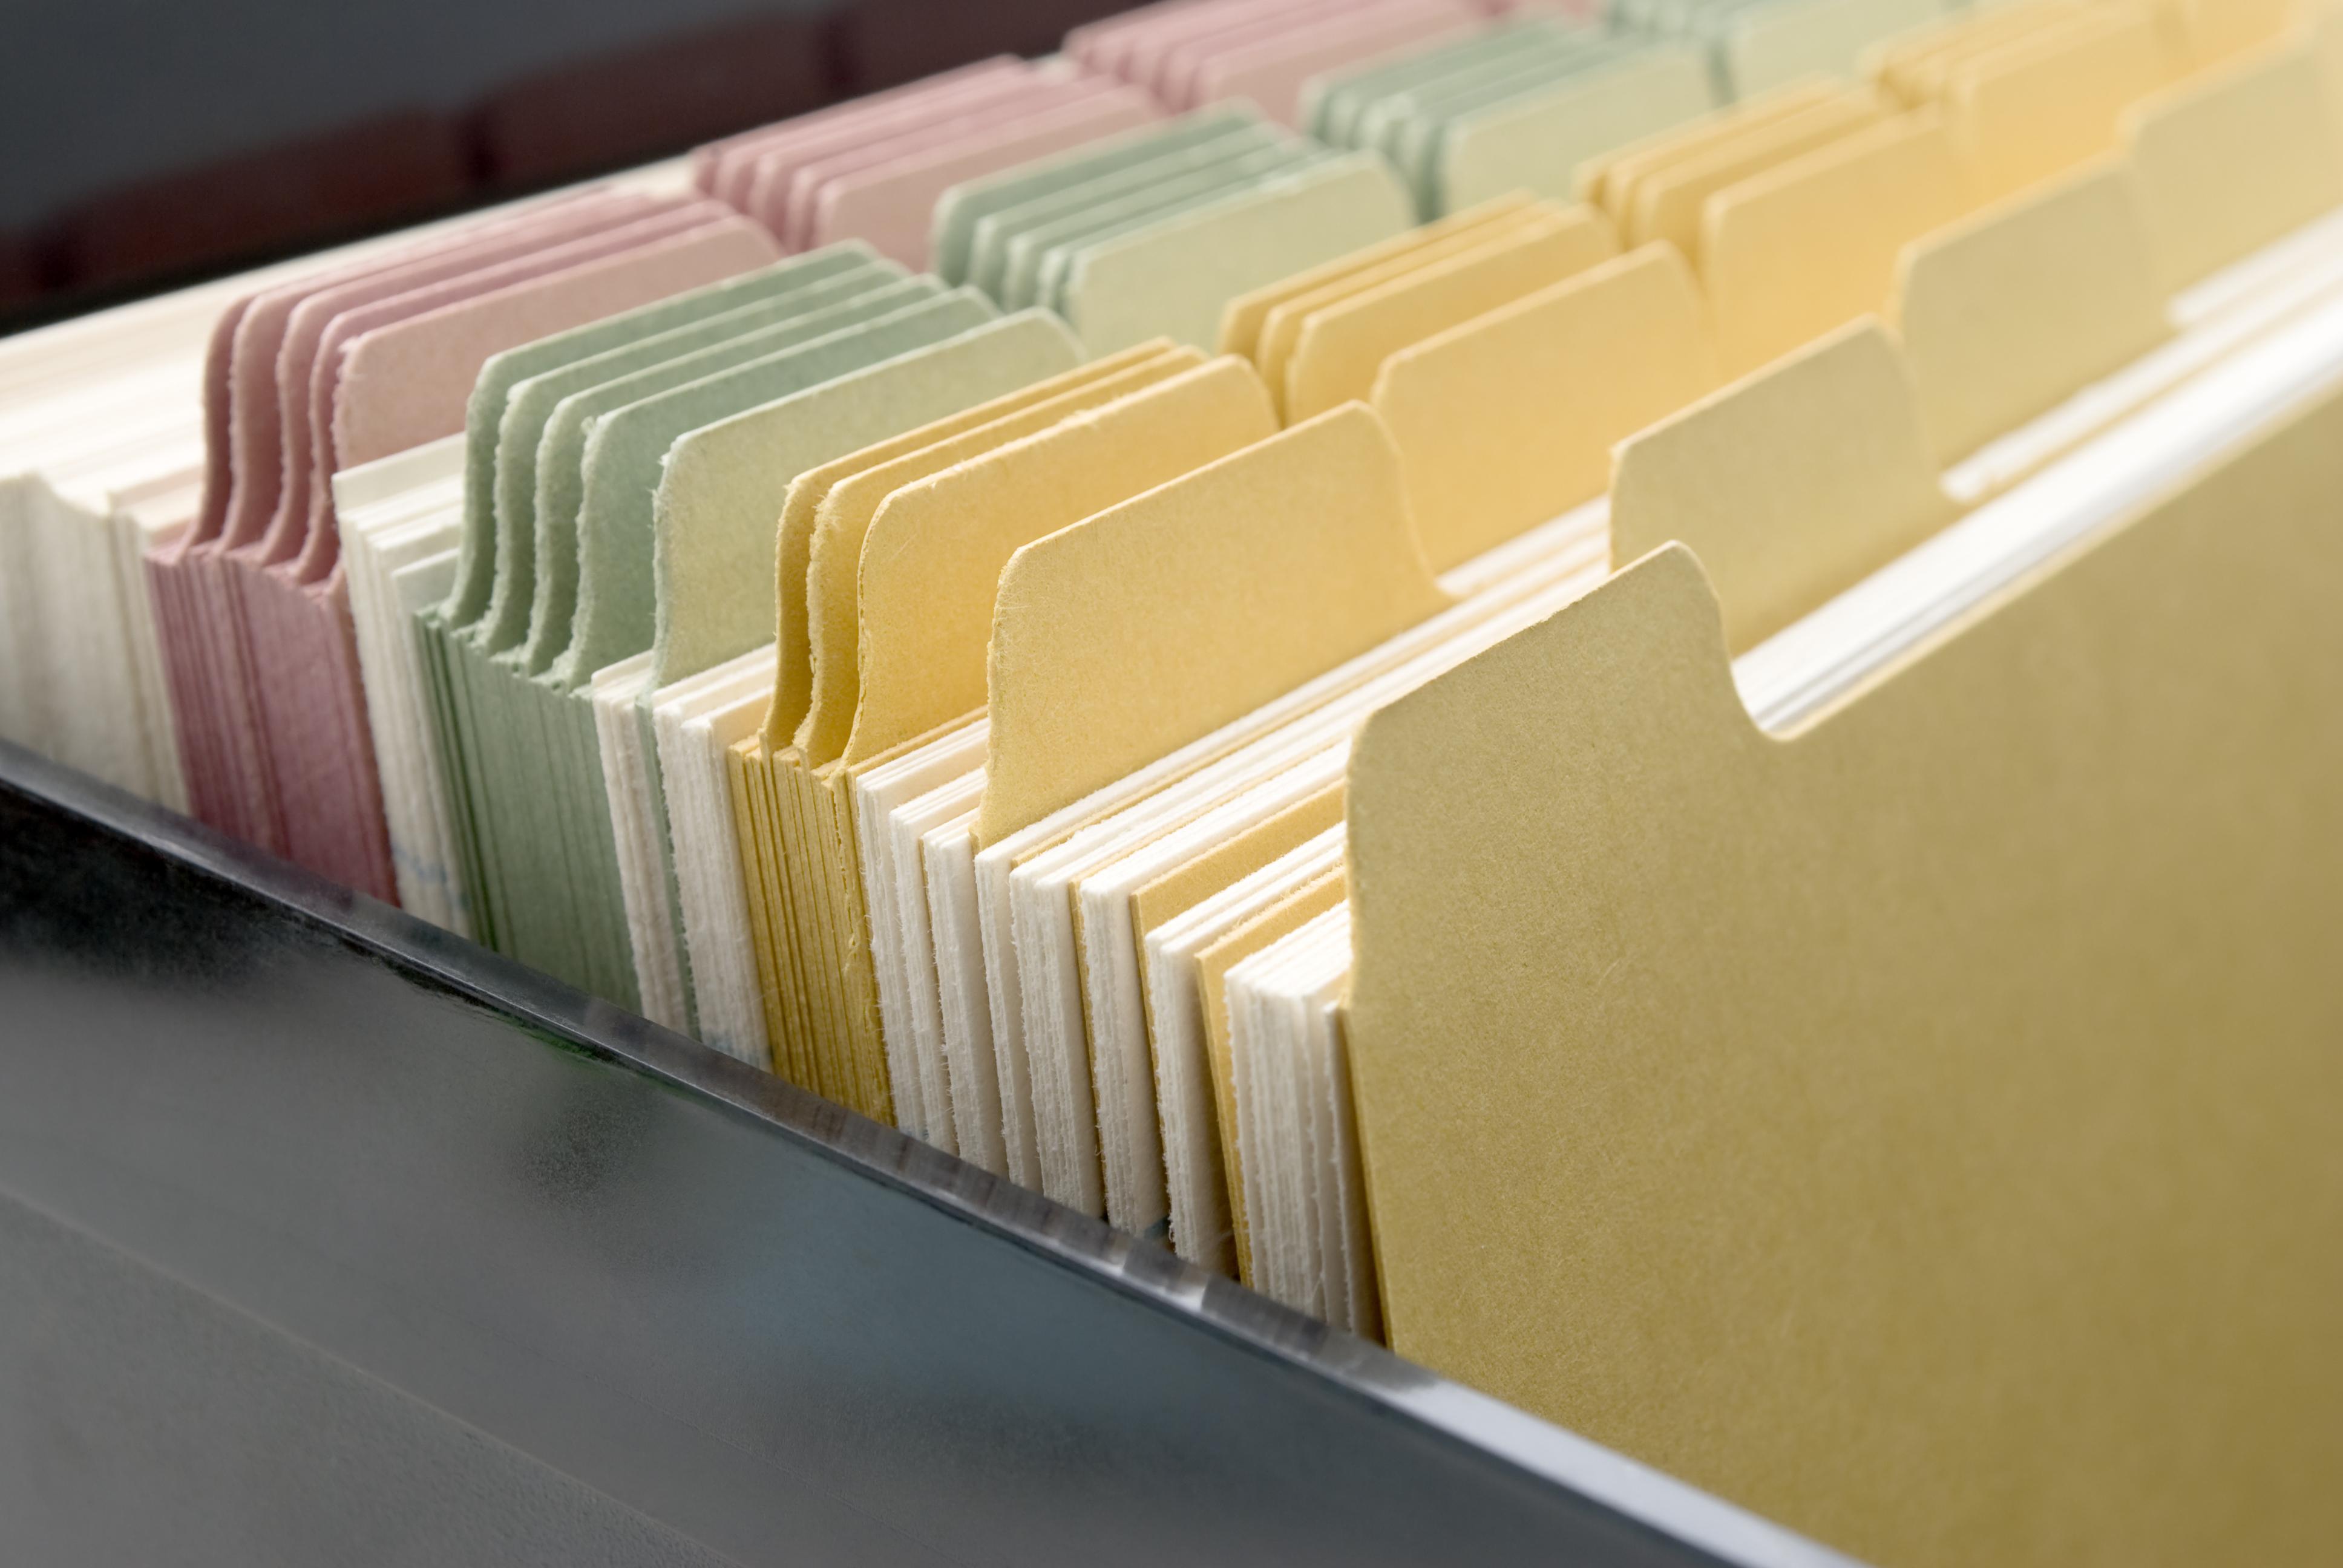 Australia ordena una investigación urgente tras hallar archivos secretos en una tienda de segunda mano